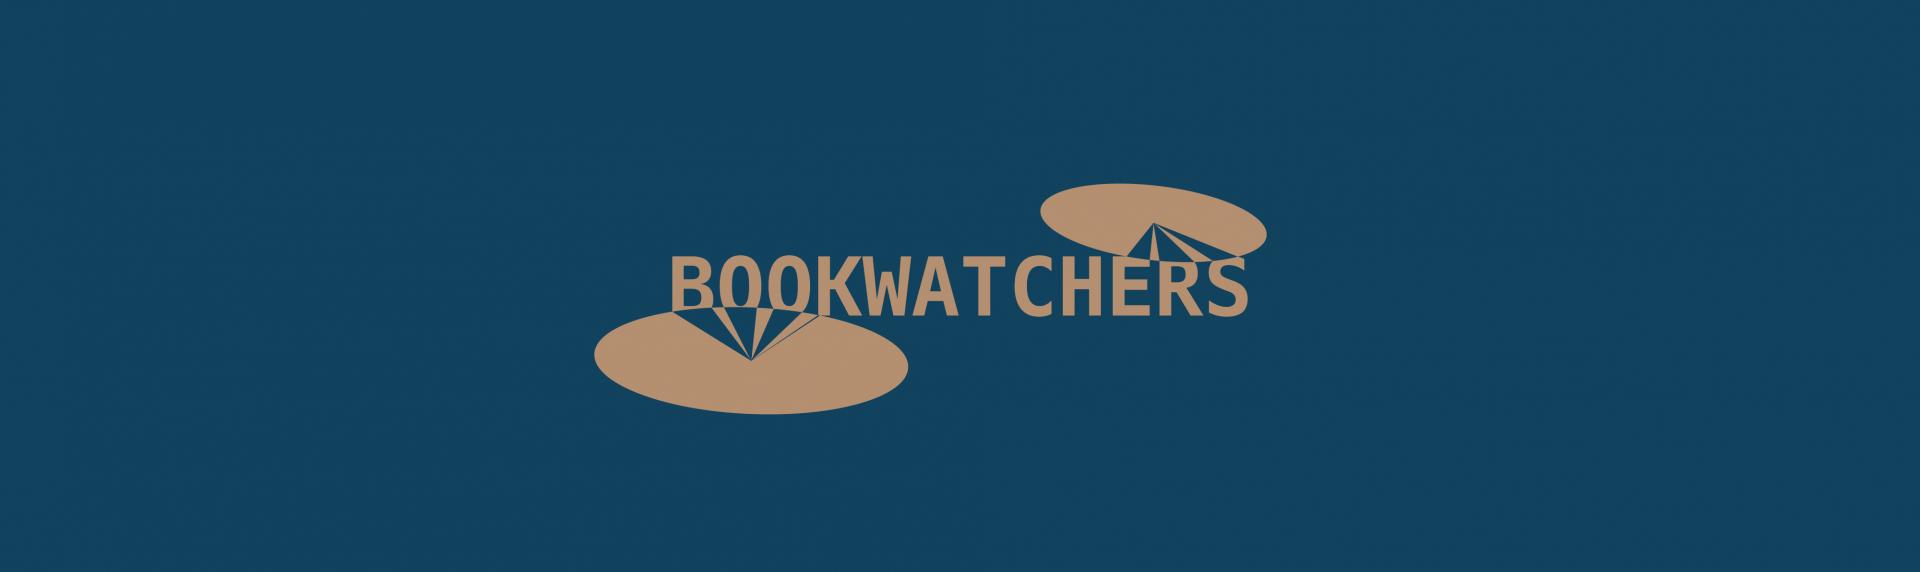 BookWatchers Special Program